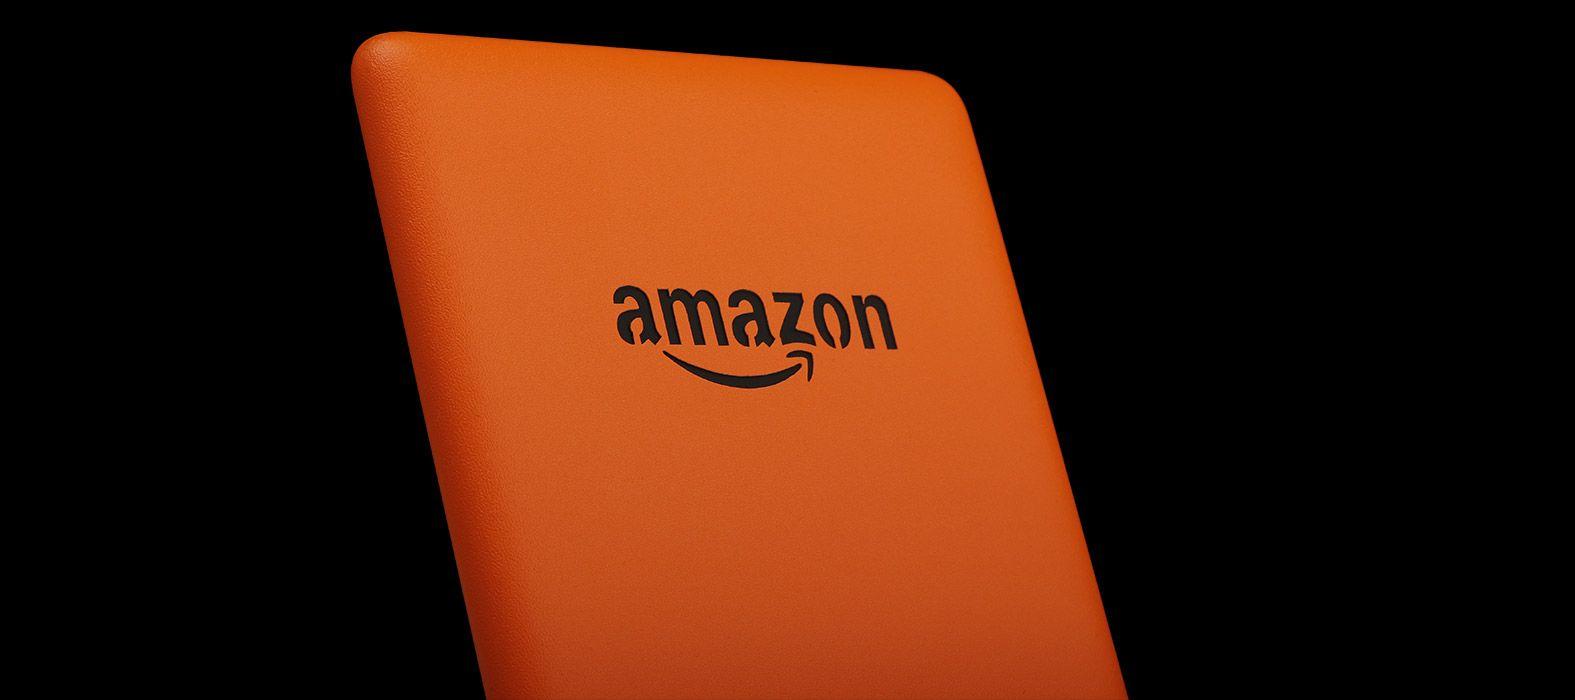 Amazon-Kindle-Orange-Sandstone-Skins